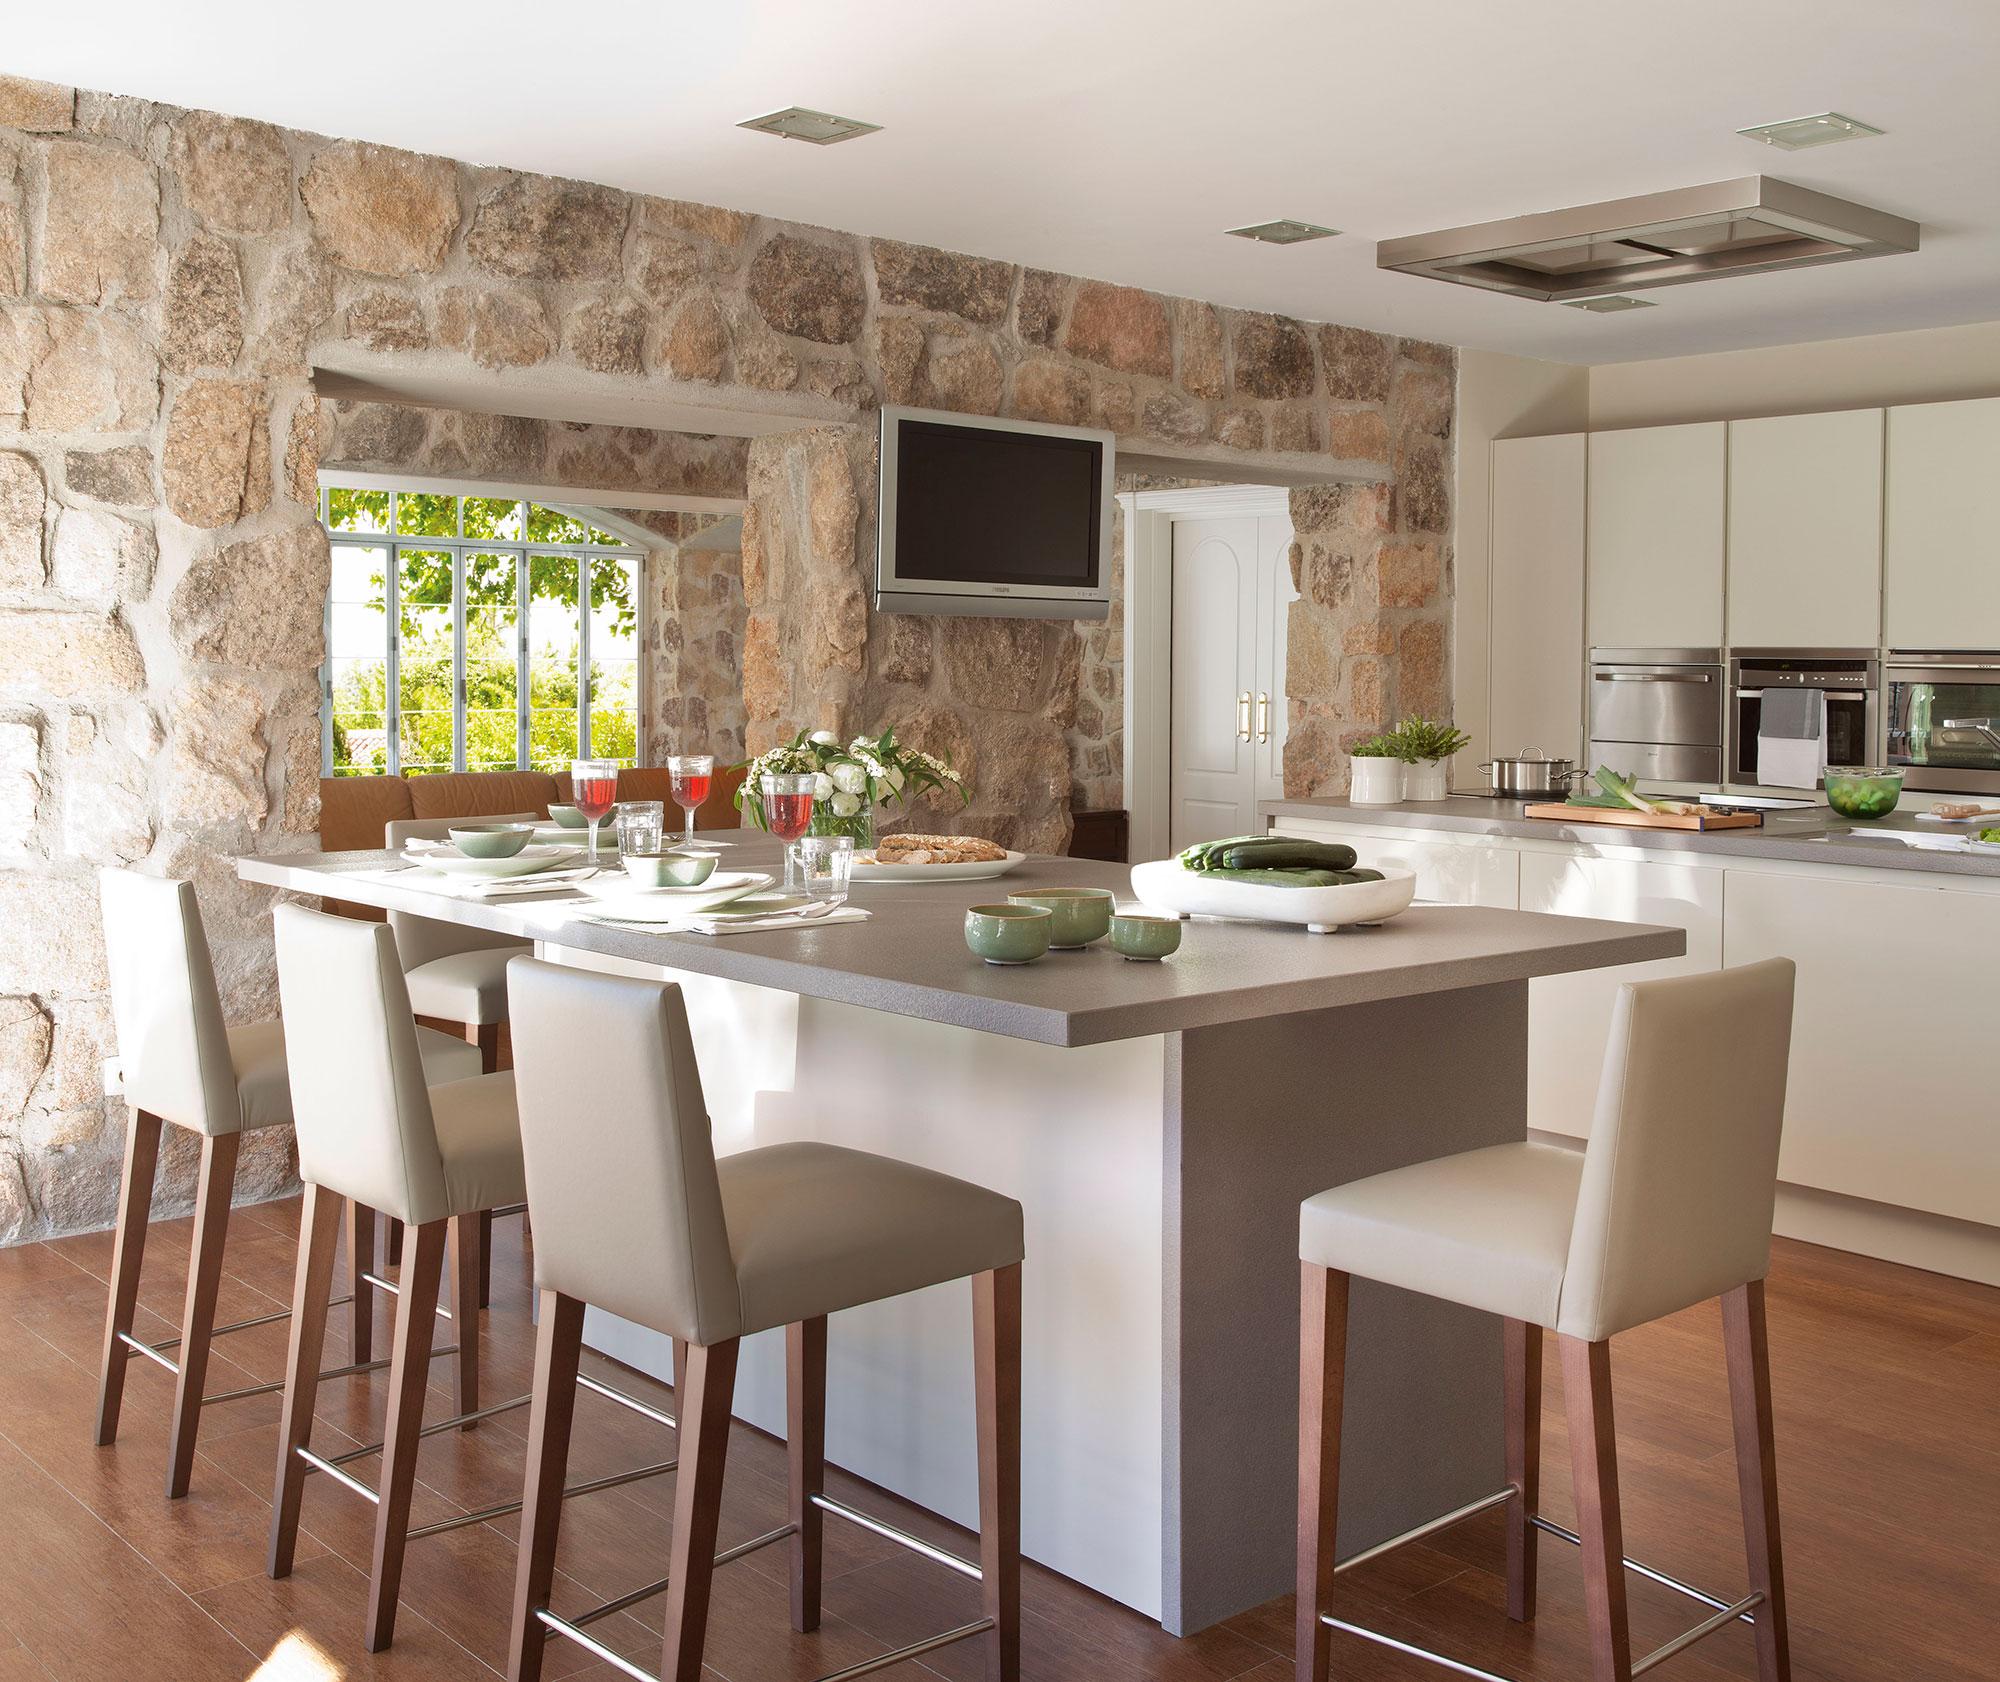 Barras para comedor simple sala comedor cocina espacios for Barras para cocina